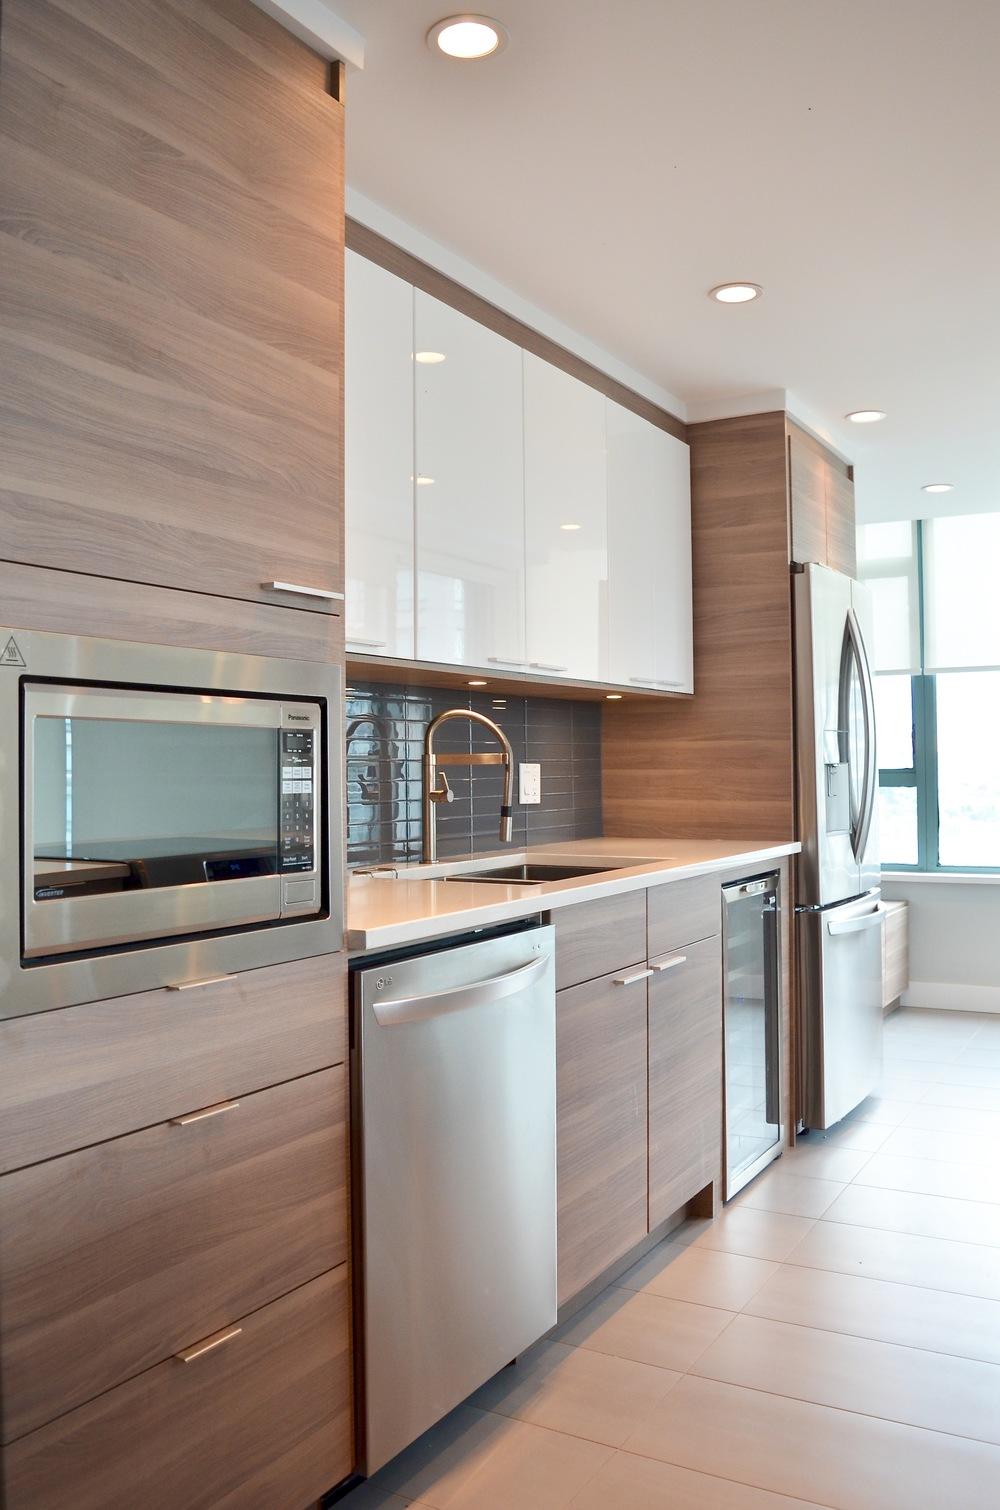 Interior design for new build homes | Home design